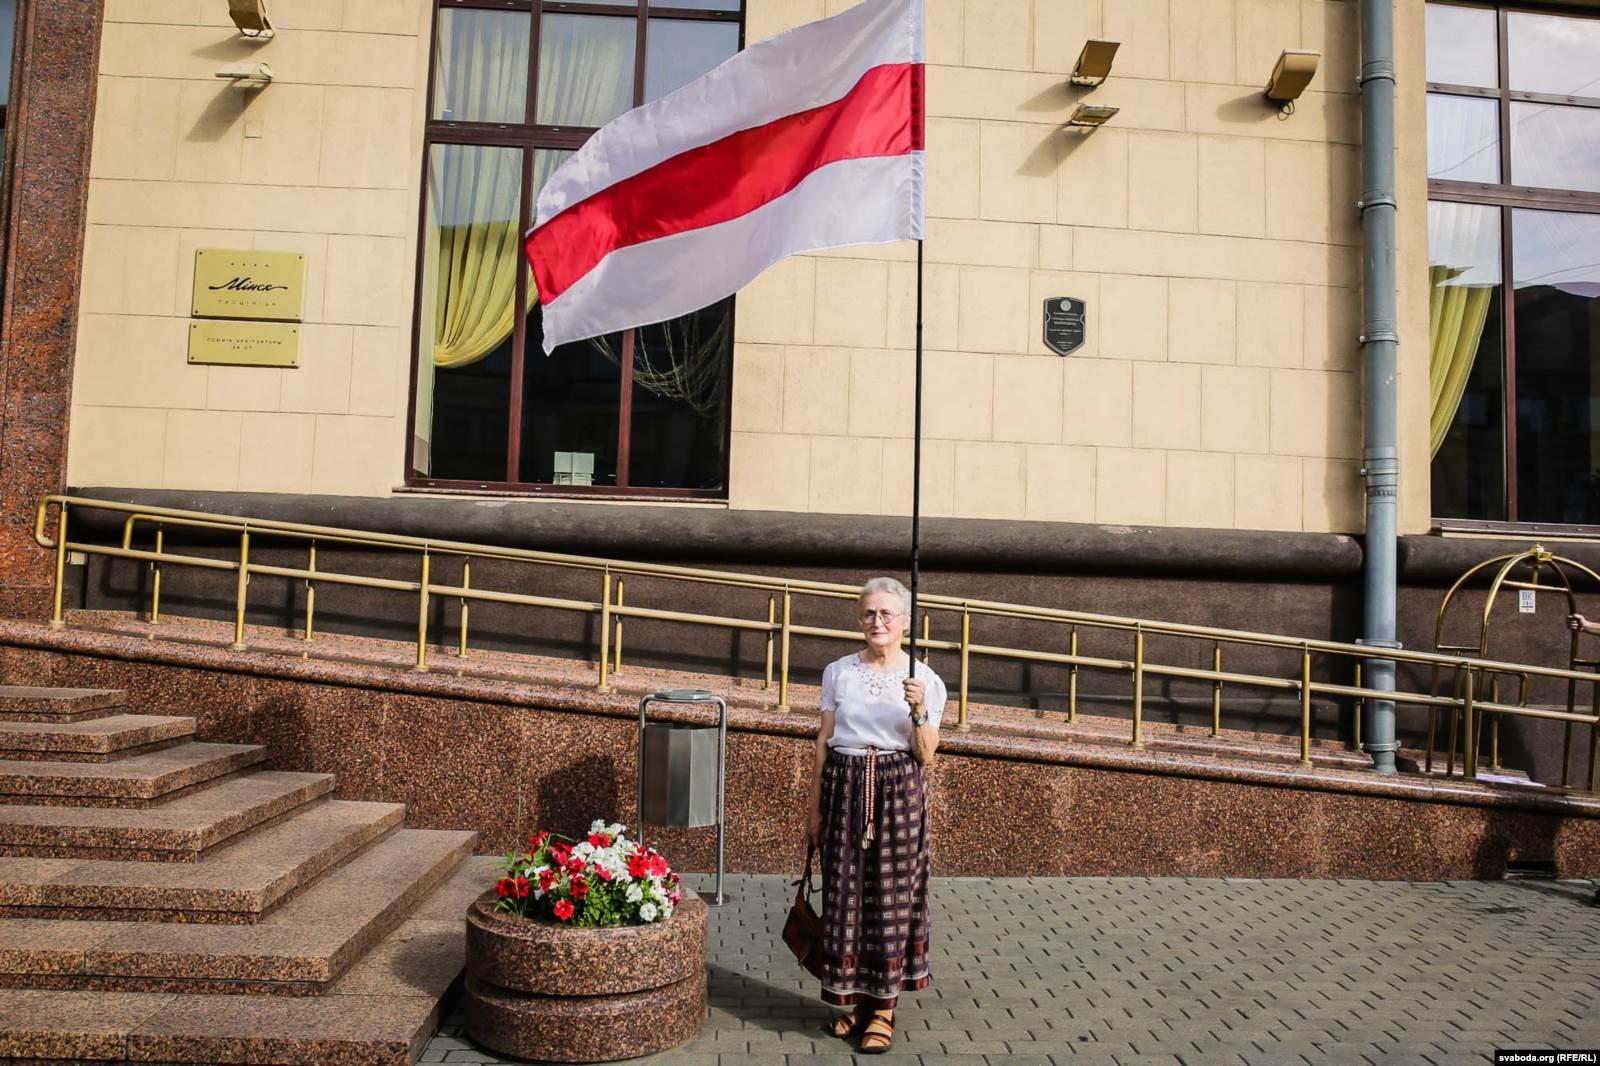 Нина Багинская на акции, посвященной дню принятия Декларации о государственном суверенитете Республики Беларусь, 27 июля 2016 года. Фото: svaboda.org (RFE/RL)